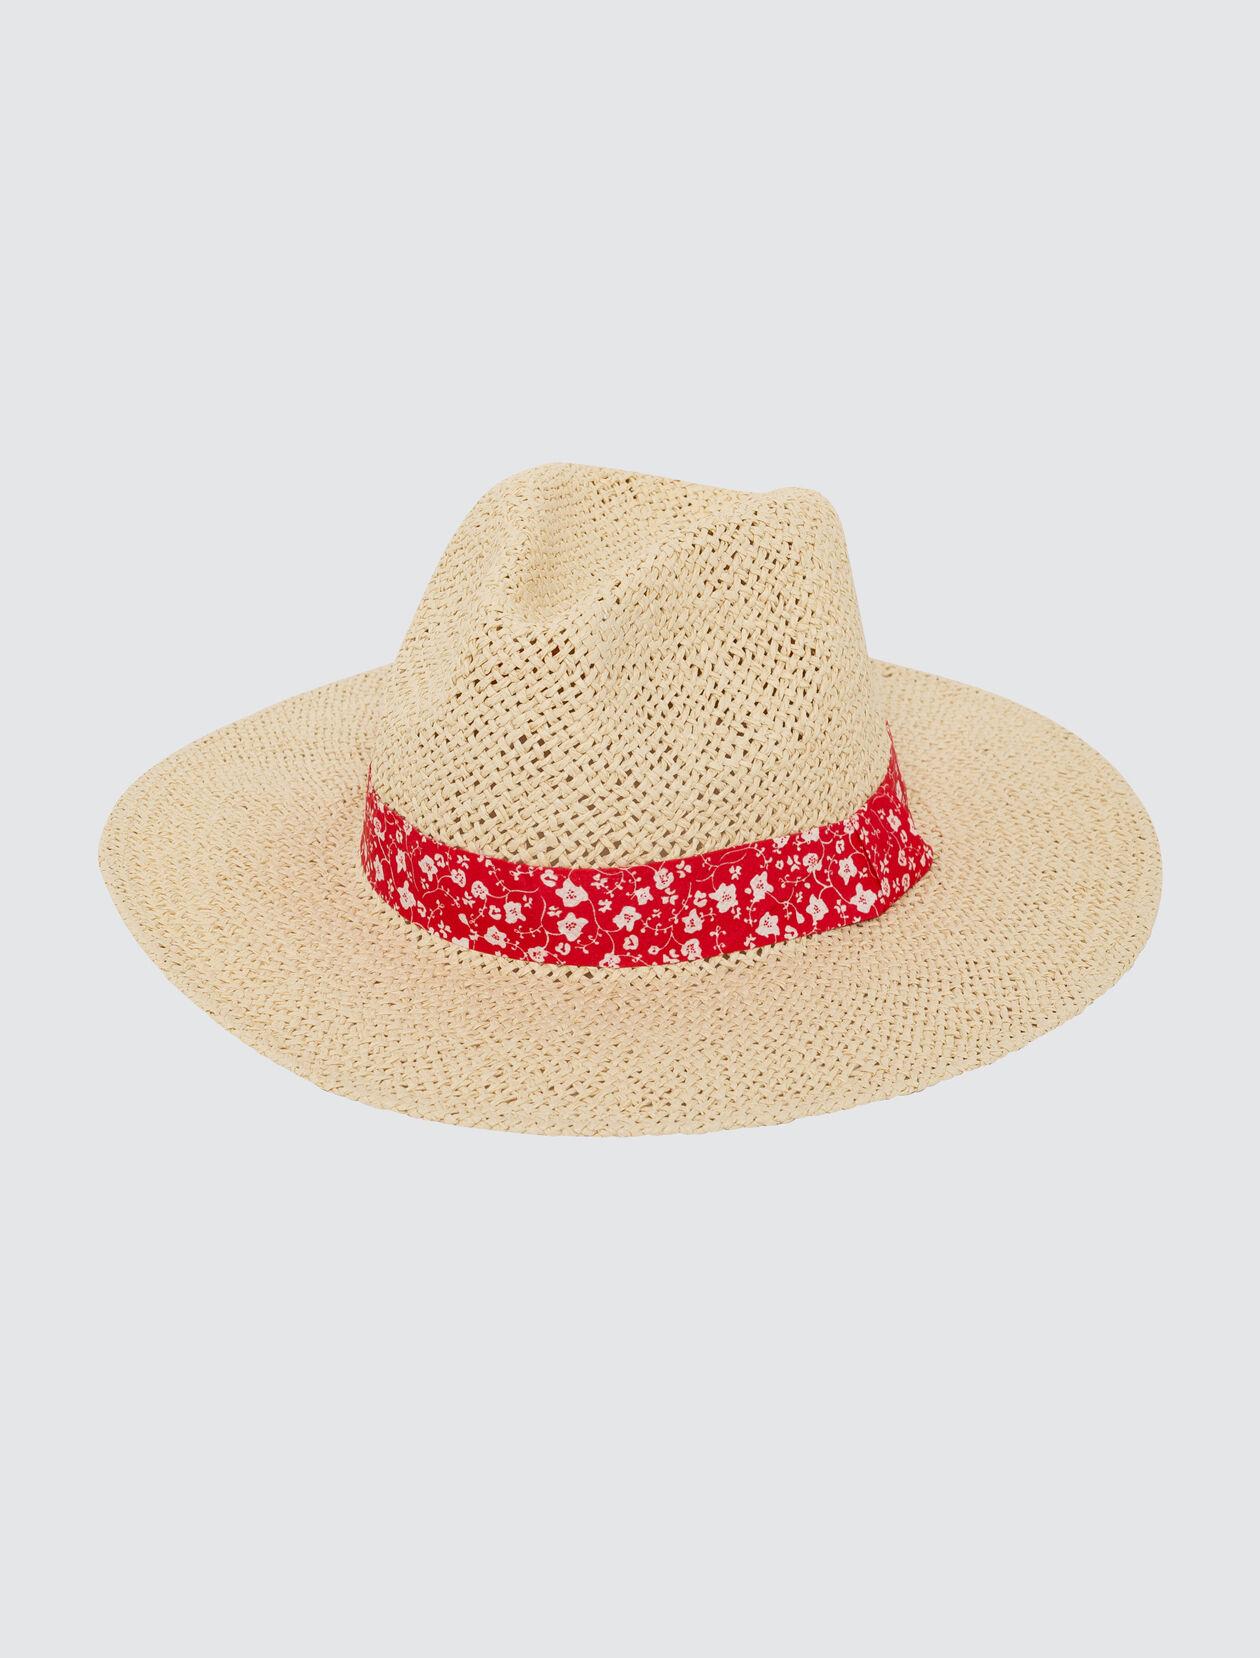 Chapeau de Paille Femme Naturel